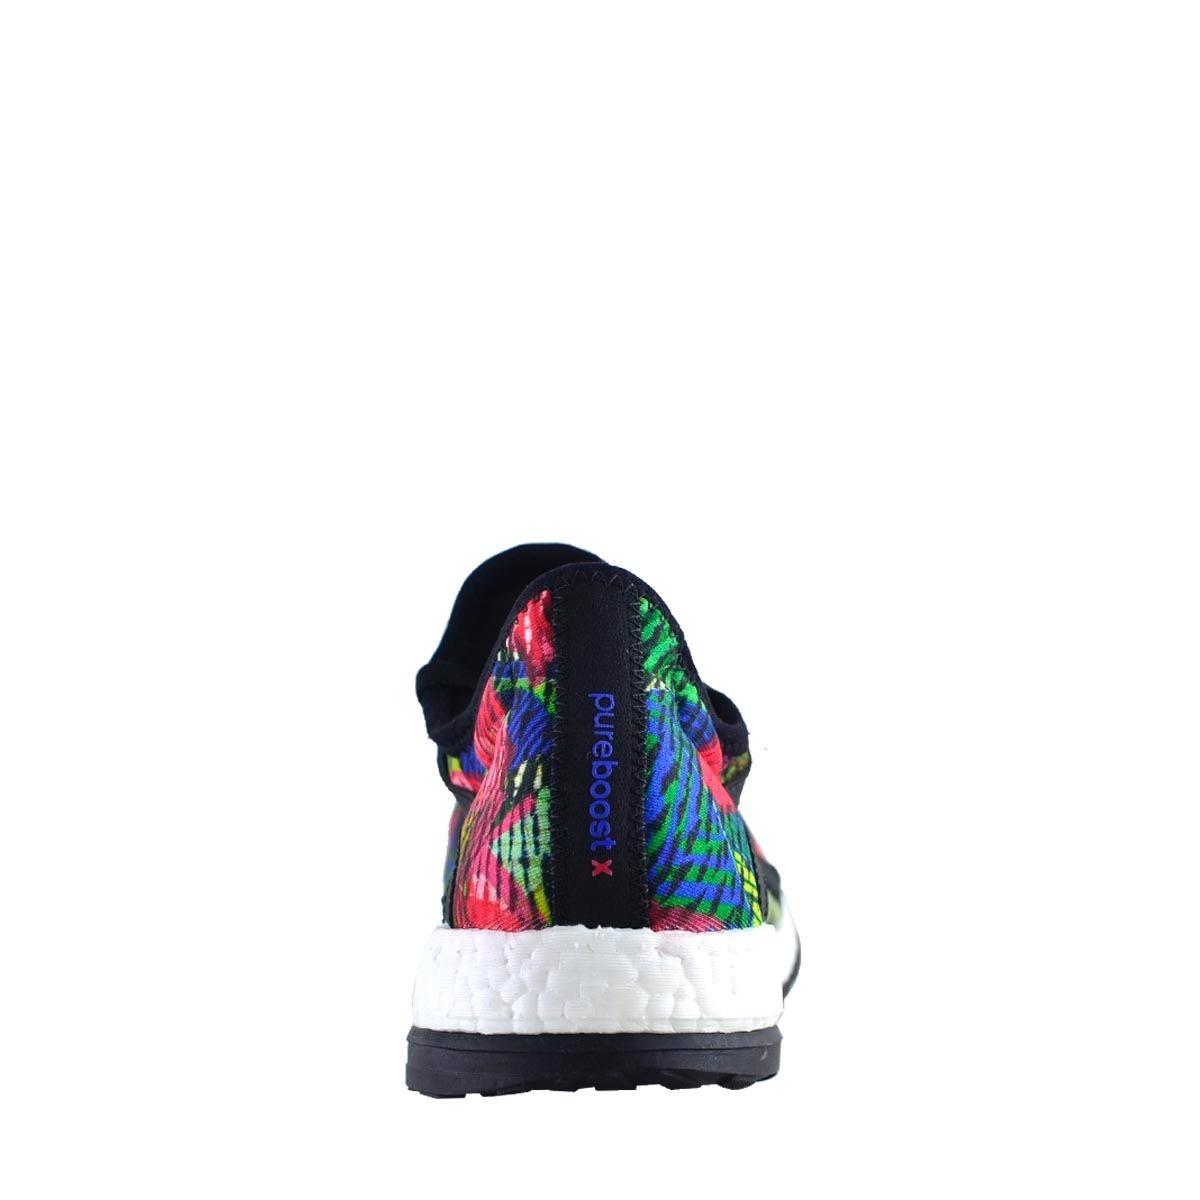 c27a78236a4a1 zapatillas adidas pureboost x estampada running de mujer. Cargando zoom.